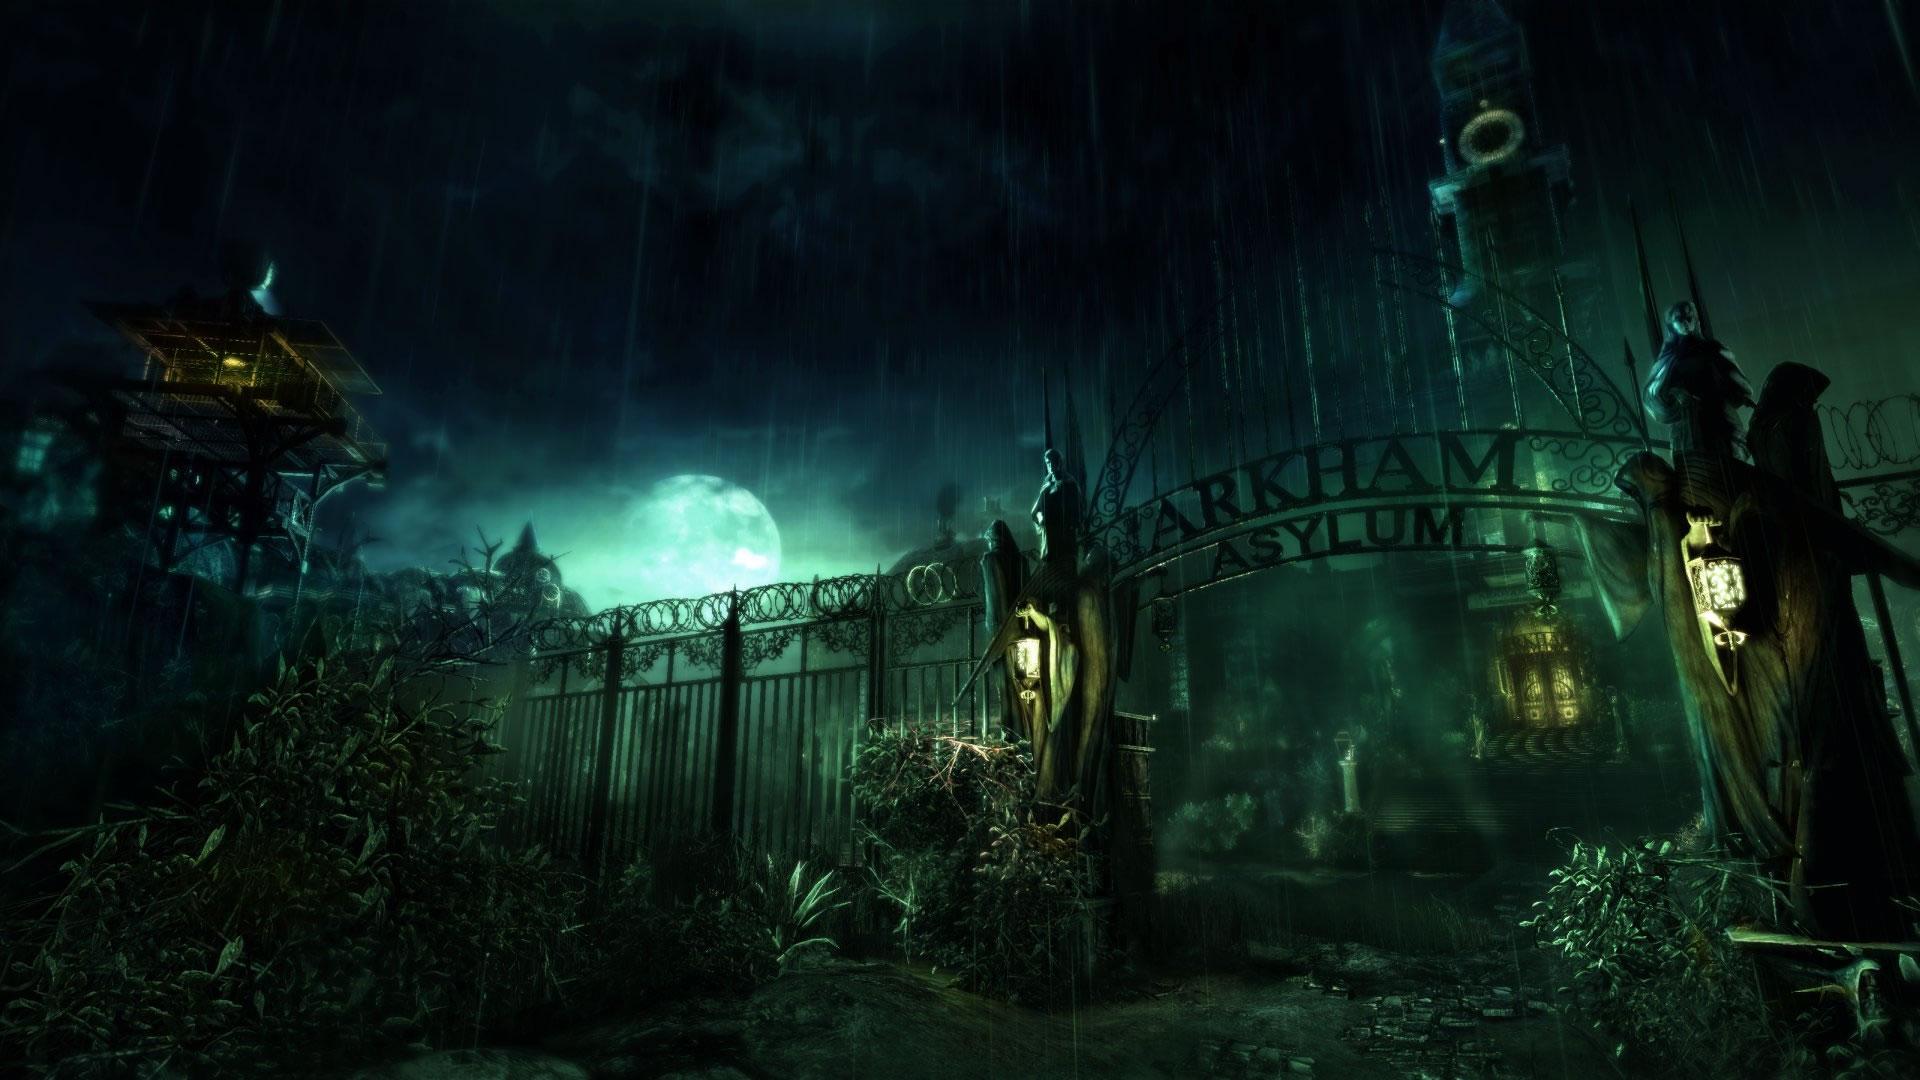 Batman Arkham Asylum desktop wallpaper 1920x1080